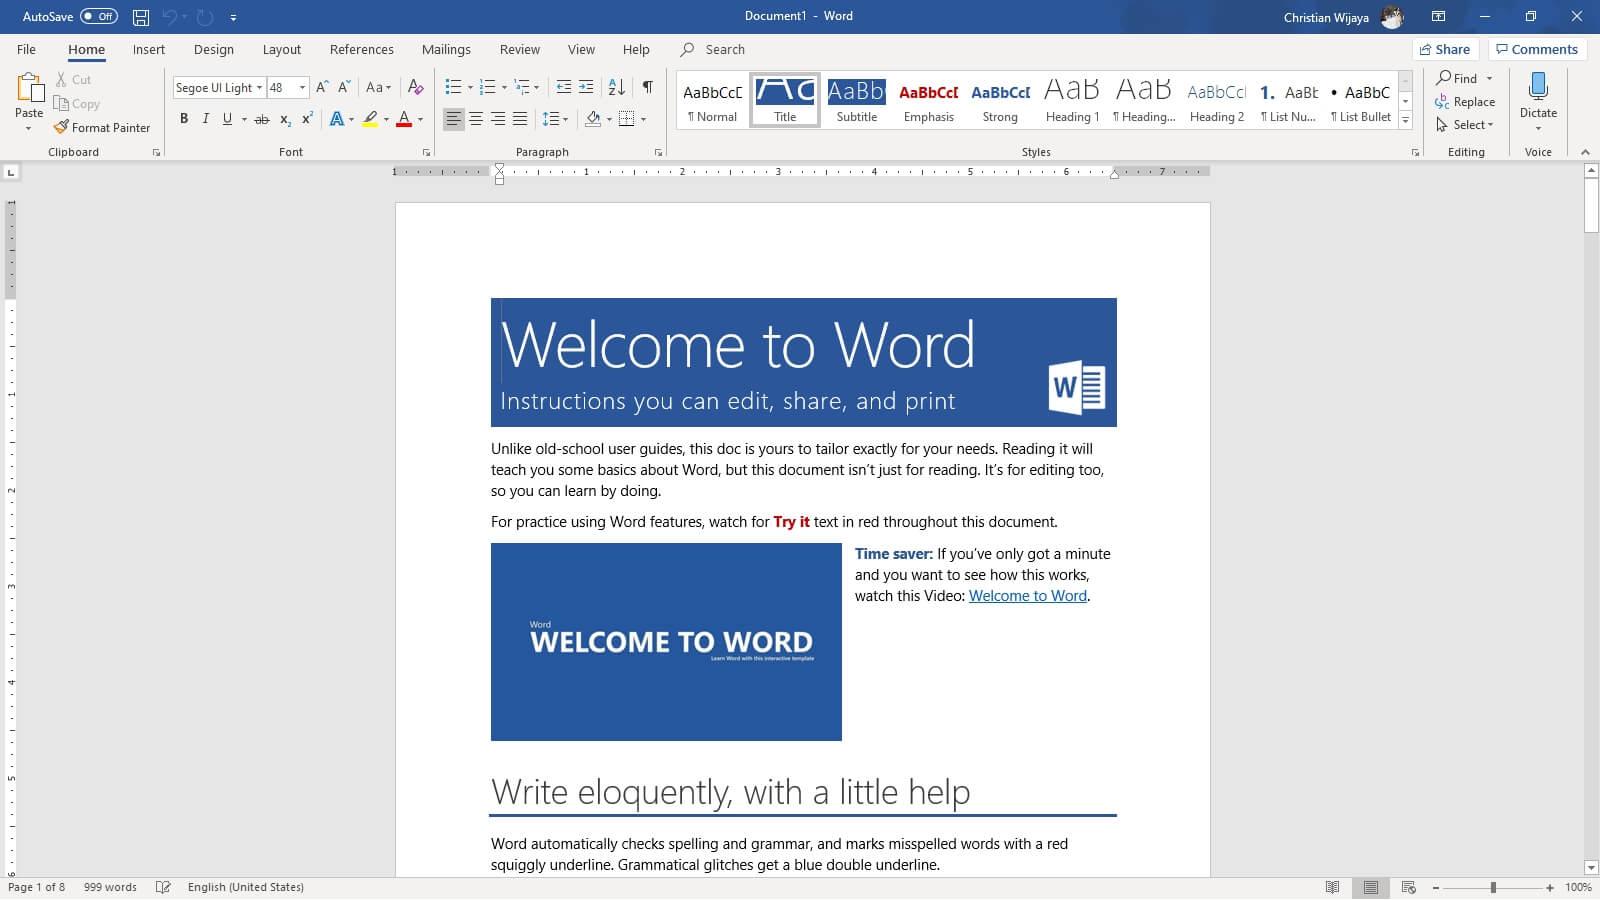 Microsoft Word Cara Menghitung Jumlah Karakter di Ms Word 1 Microsoft Word